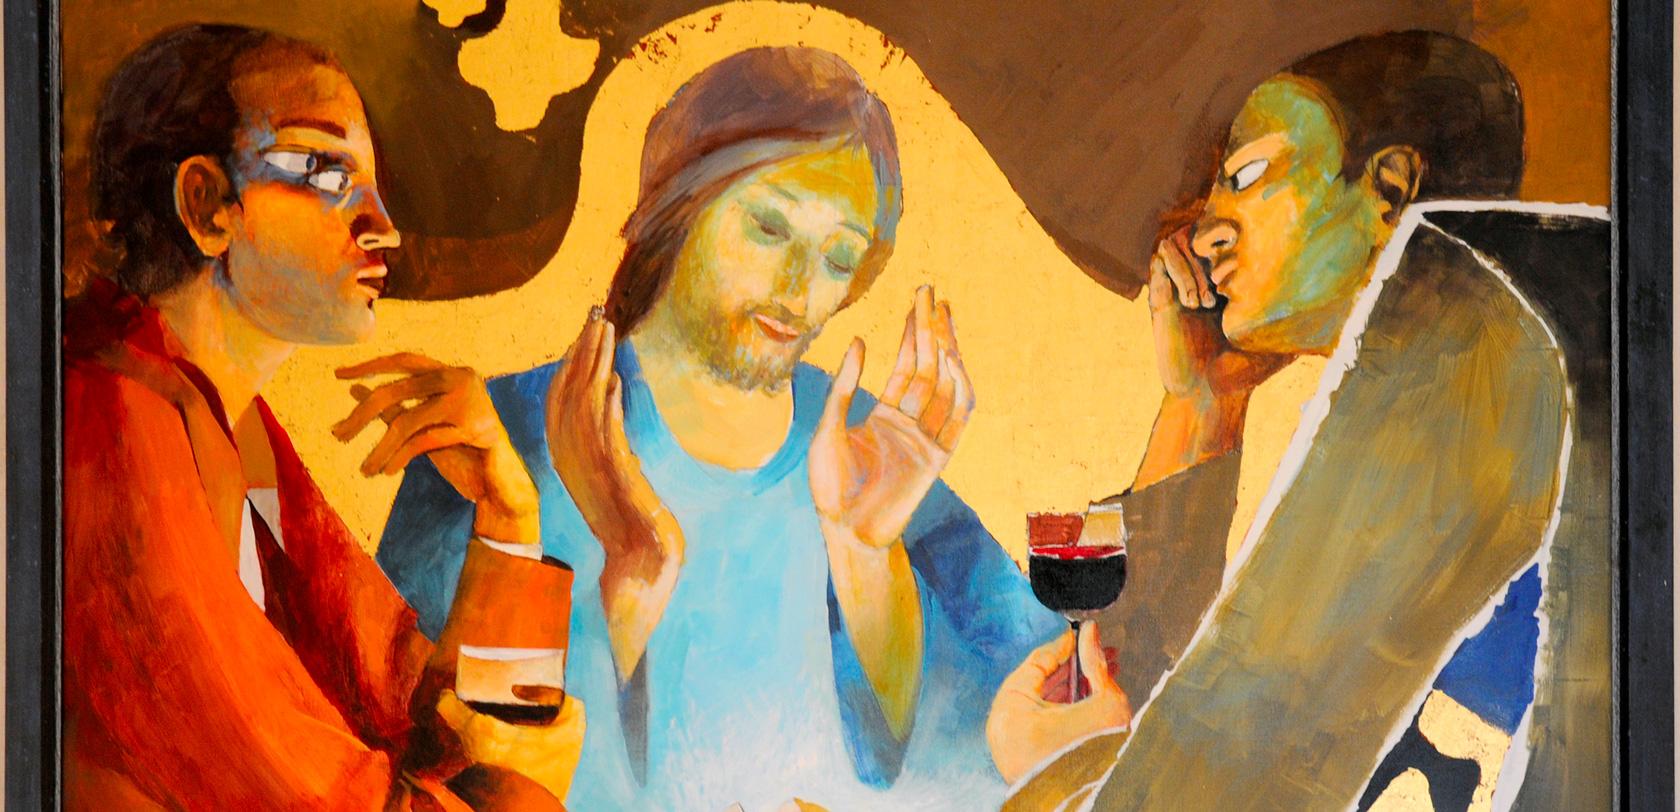 EN 2021, SOYONS SÛRS QUE LE CHRIST MARCHE À NOS CÔTÉS !